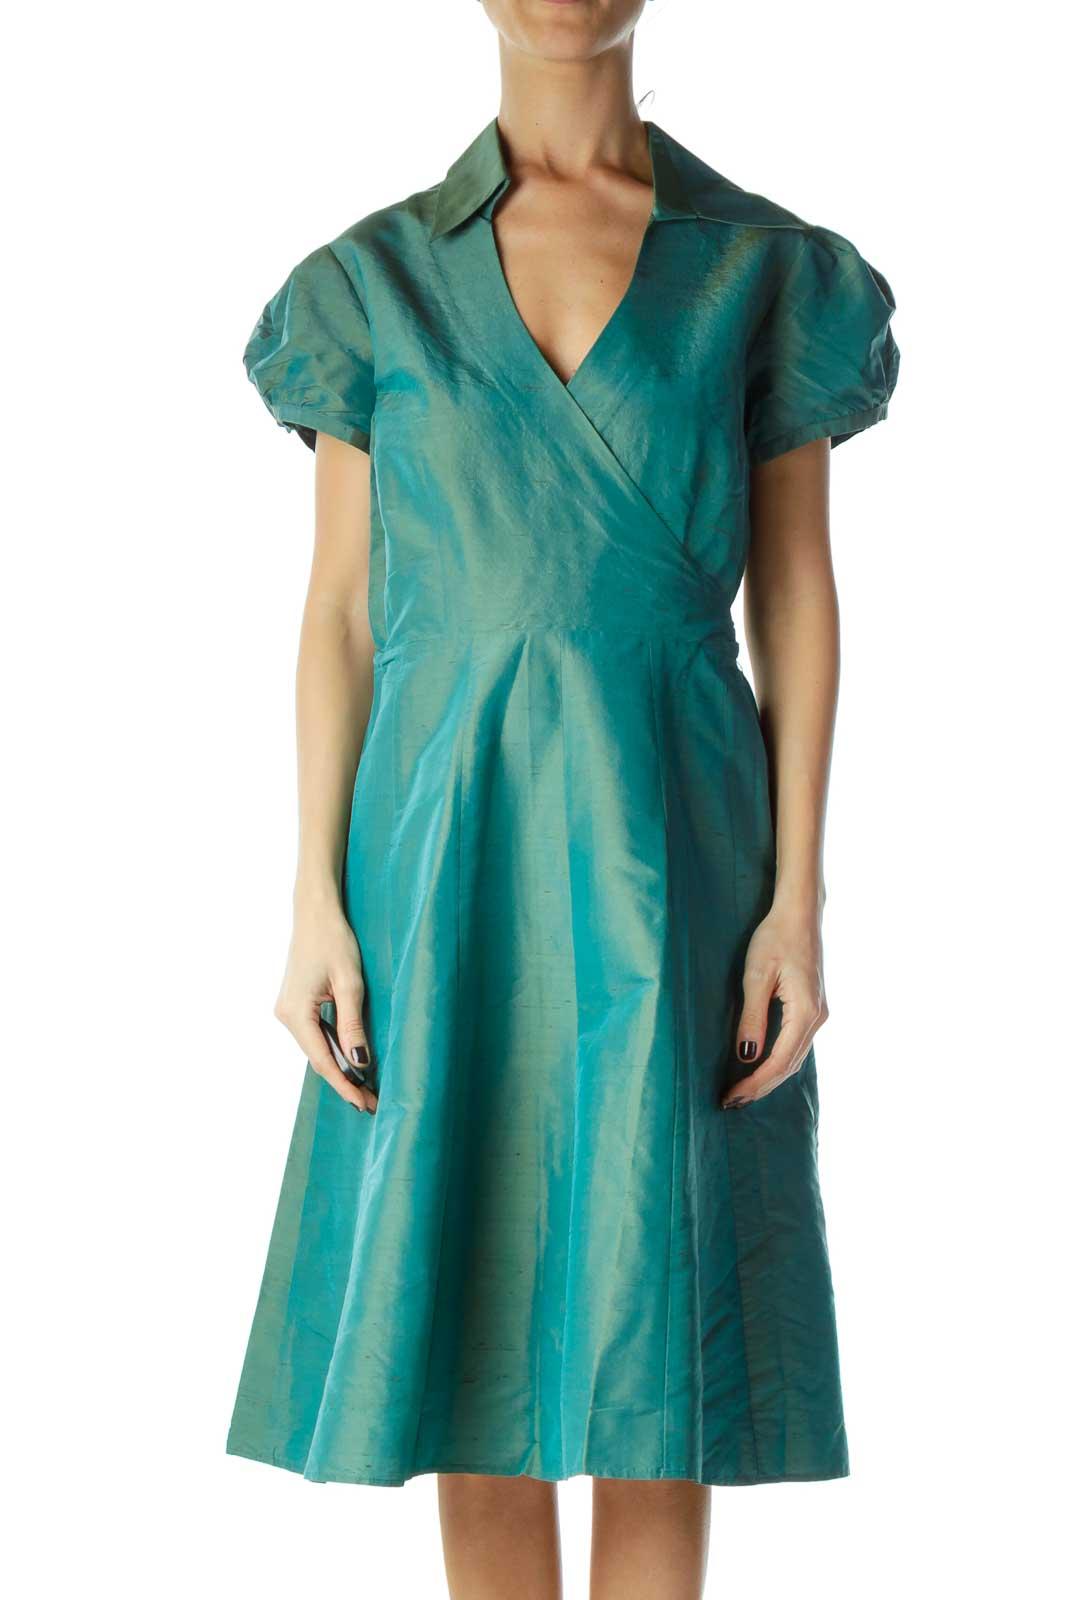 Blue Green Chrome Wrap Retro Dress